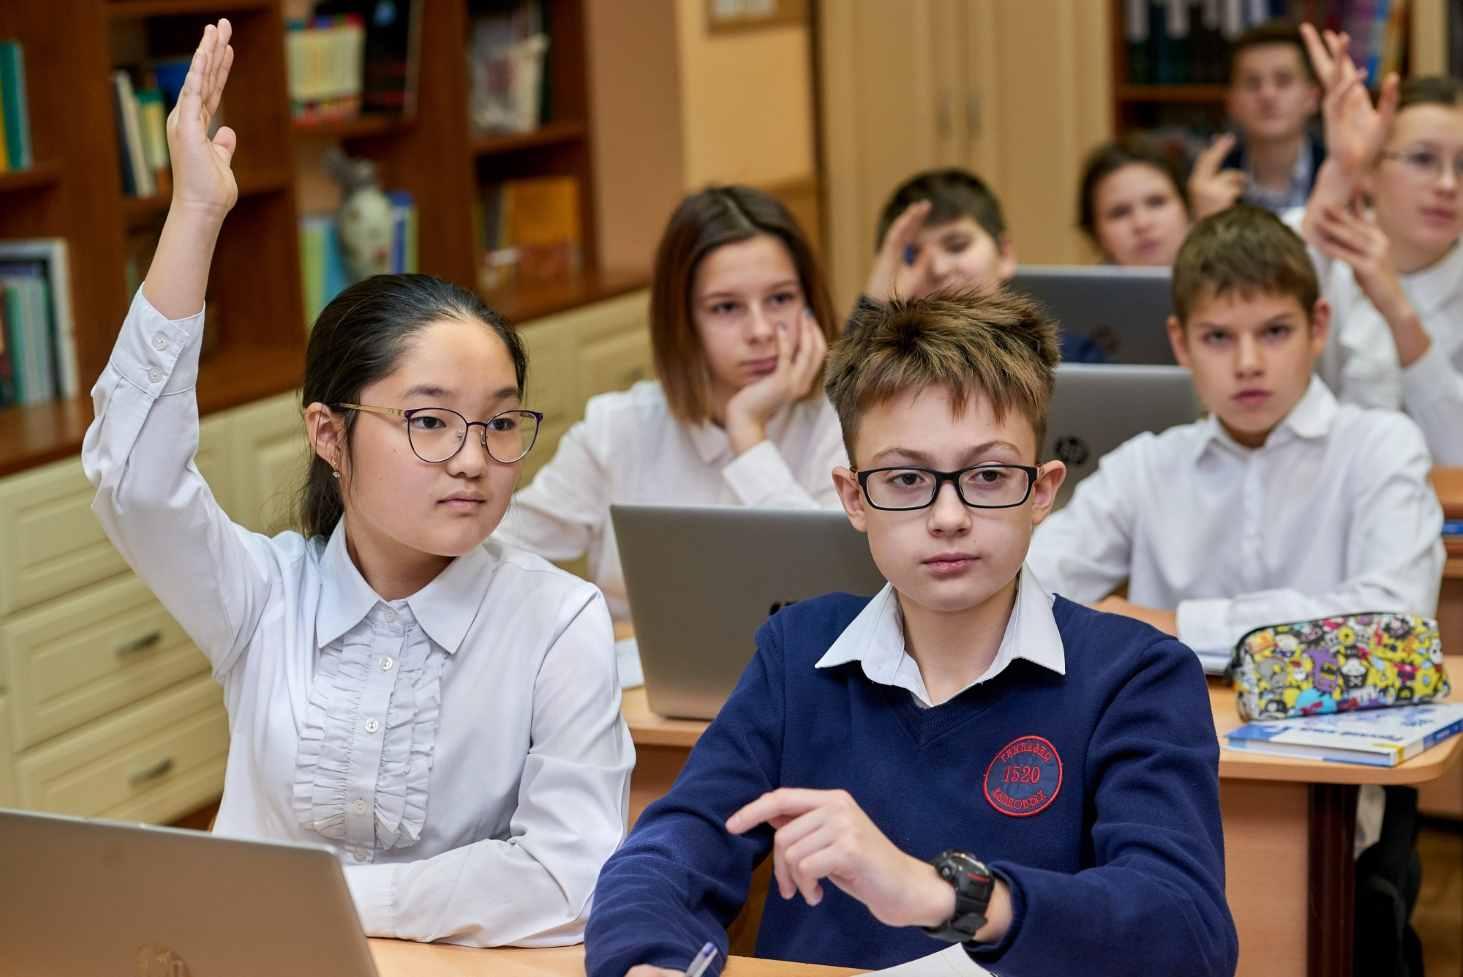 deputaty-utverdili-rekomendatsii-po-povysheniyu-kachestva-obrazovaniya-v-rossii